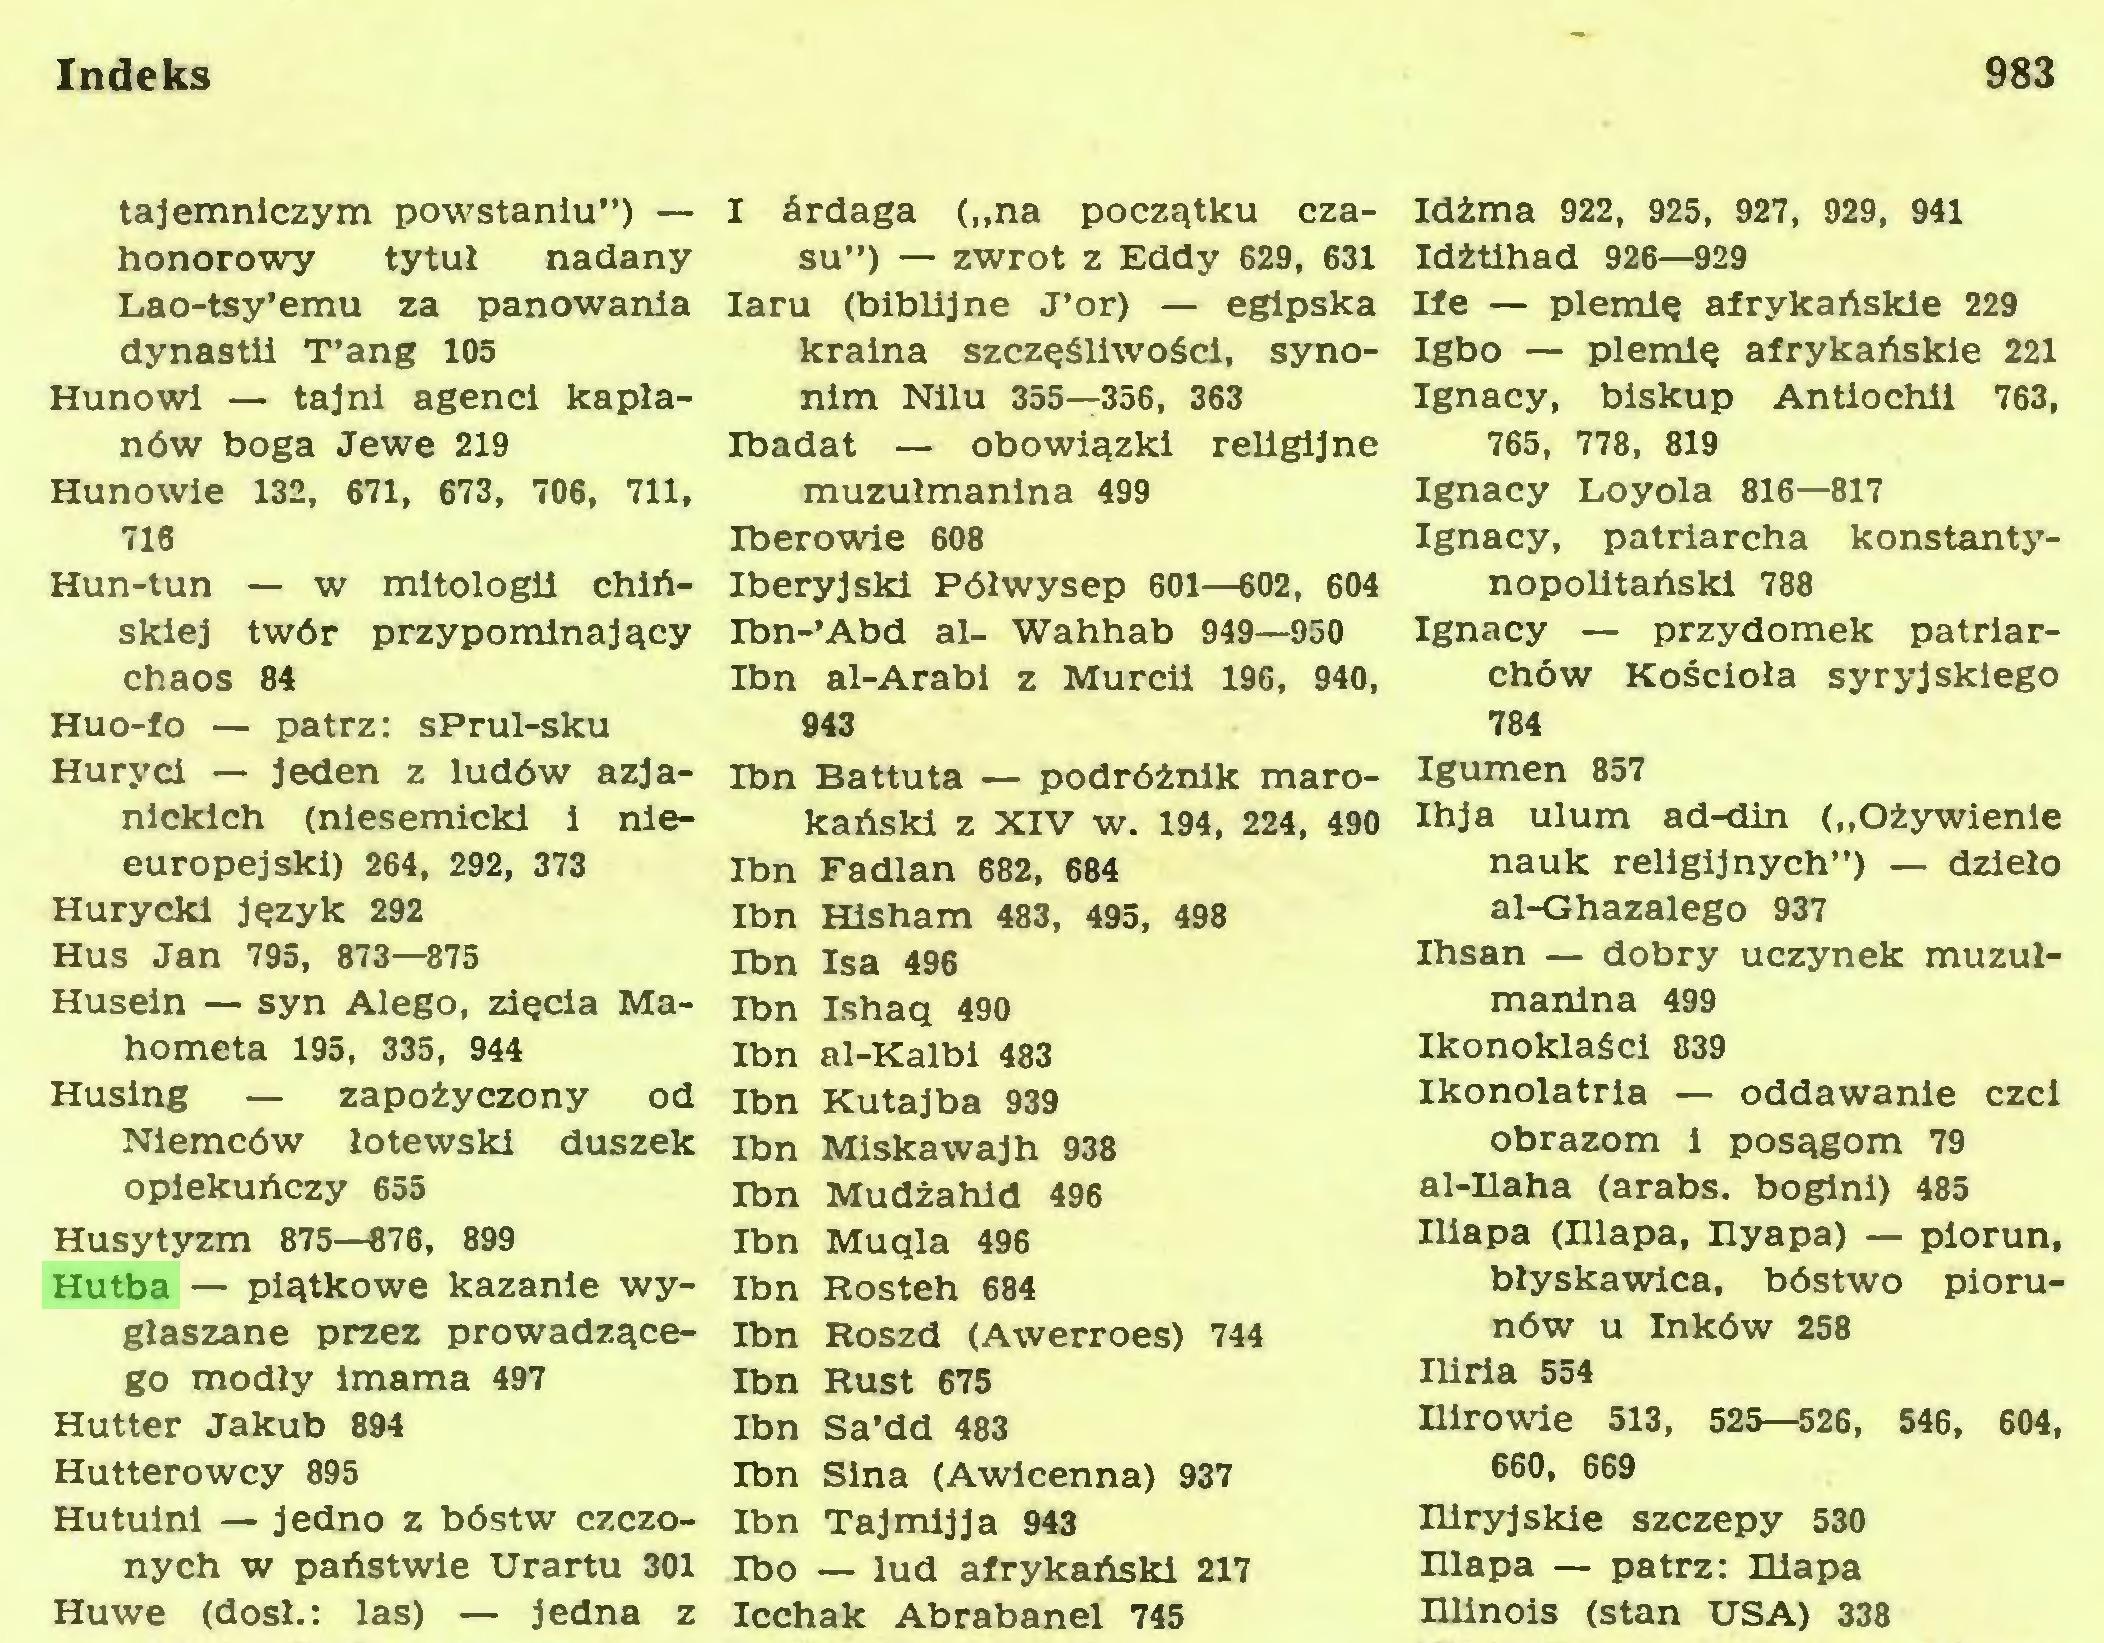 """(...) Indeks 983 tajemniczym powstaniu"""") — honorowy tytuł nadany Lao-tsy'emu za panowania dynastii T'ang 105 Hunowi — tajni agenci kapłanów boga Jewe 219 Hunowie 132, 671, 673, 706, 711, 716 Hun-tun — w mitologii chińskiej twór przypominający chaos 84 Huo-fo — patrz: sPrul-sku Huryci — jeden z ludów azjanickich (niesemicki i nieeuropejski) 264, 292, 373 Hurycki język 292 Hus Jan 795, 873—875 Husein — syn Alego, zięcia Mahometa 195, 335, 944 Husing — zapożyczony od Niemców łotewski duszek opiekuńczy 655 Husytyzm 875—876, 899 Hutba — piątkowe kazanie wygłaszane przez prowadzącego modły imama 497 Hutter Jakub 894 Hutterowcy 895 Hutuini — jedno z bóstw czczonych w państwie Urartu 301 Huwe (dosł.: las) — jedna z..."""